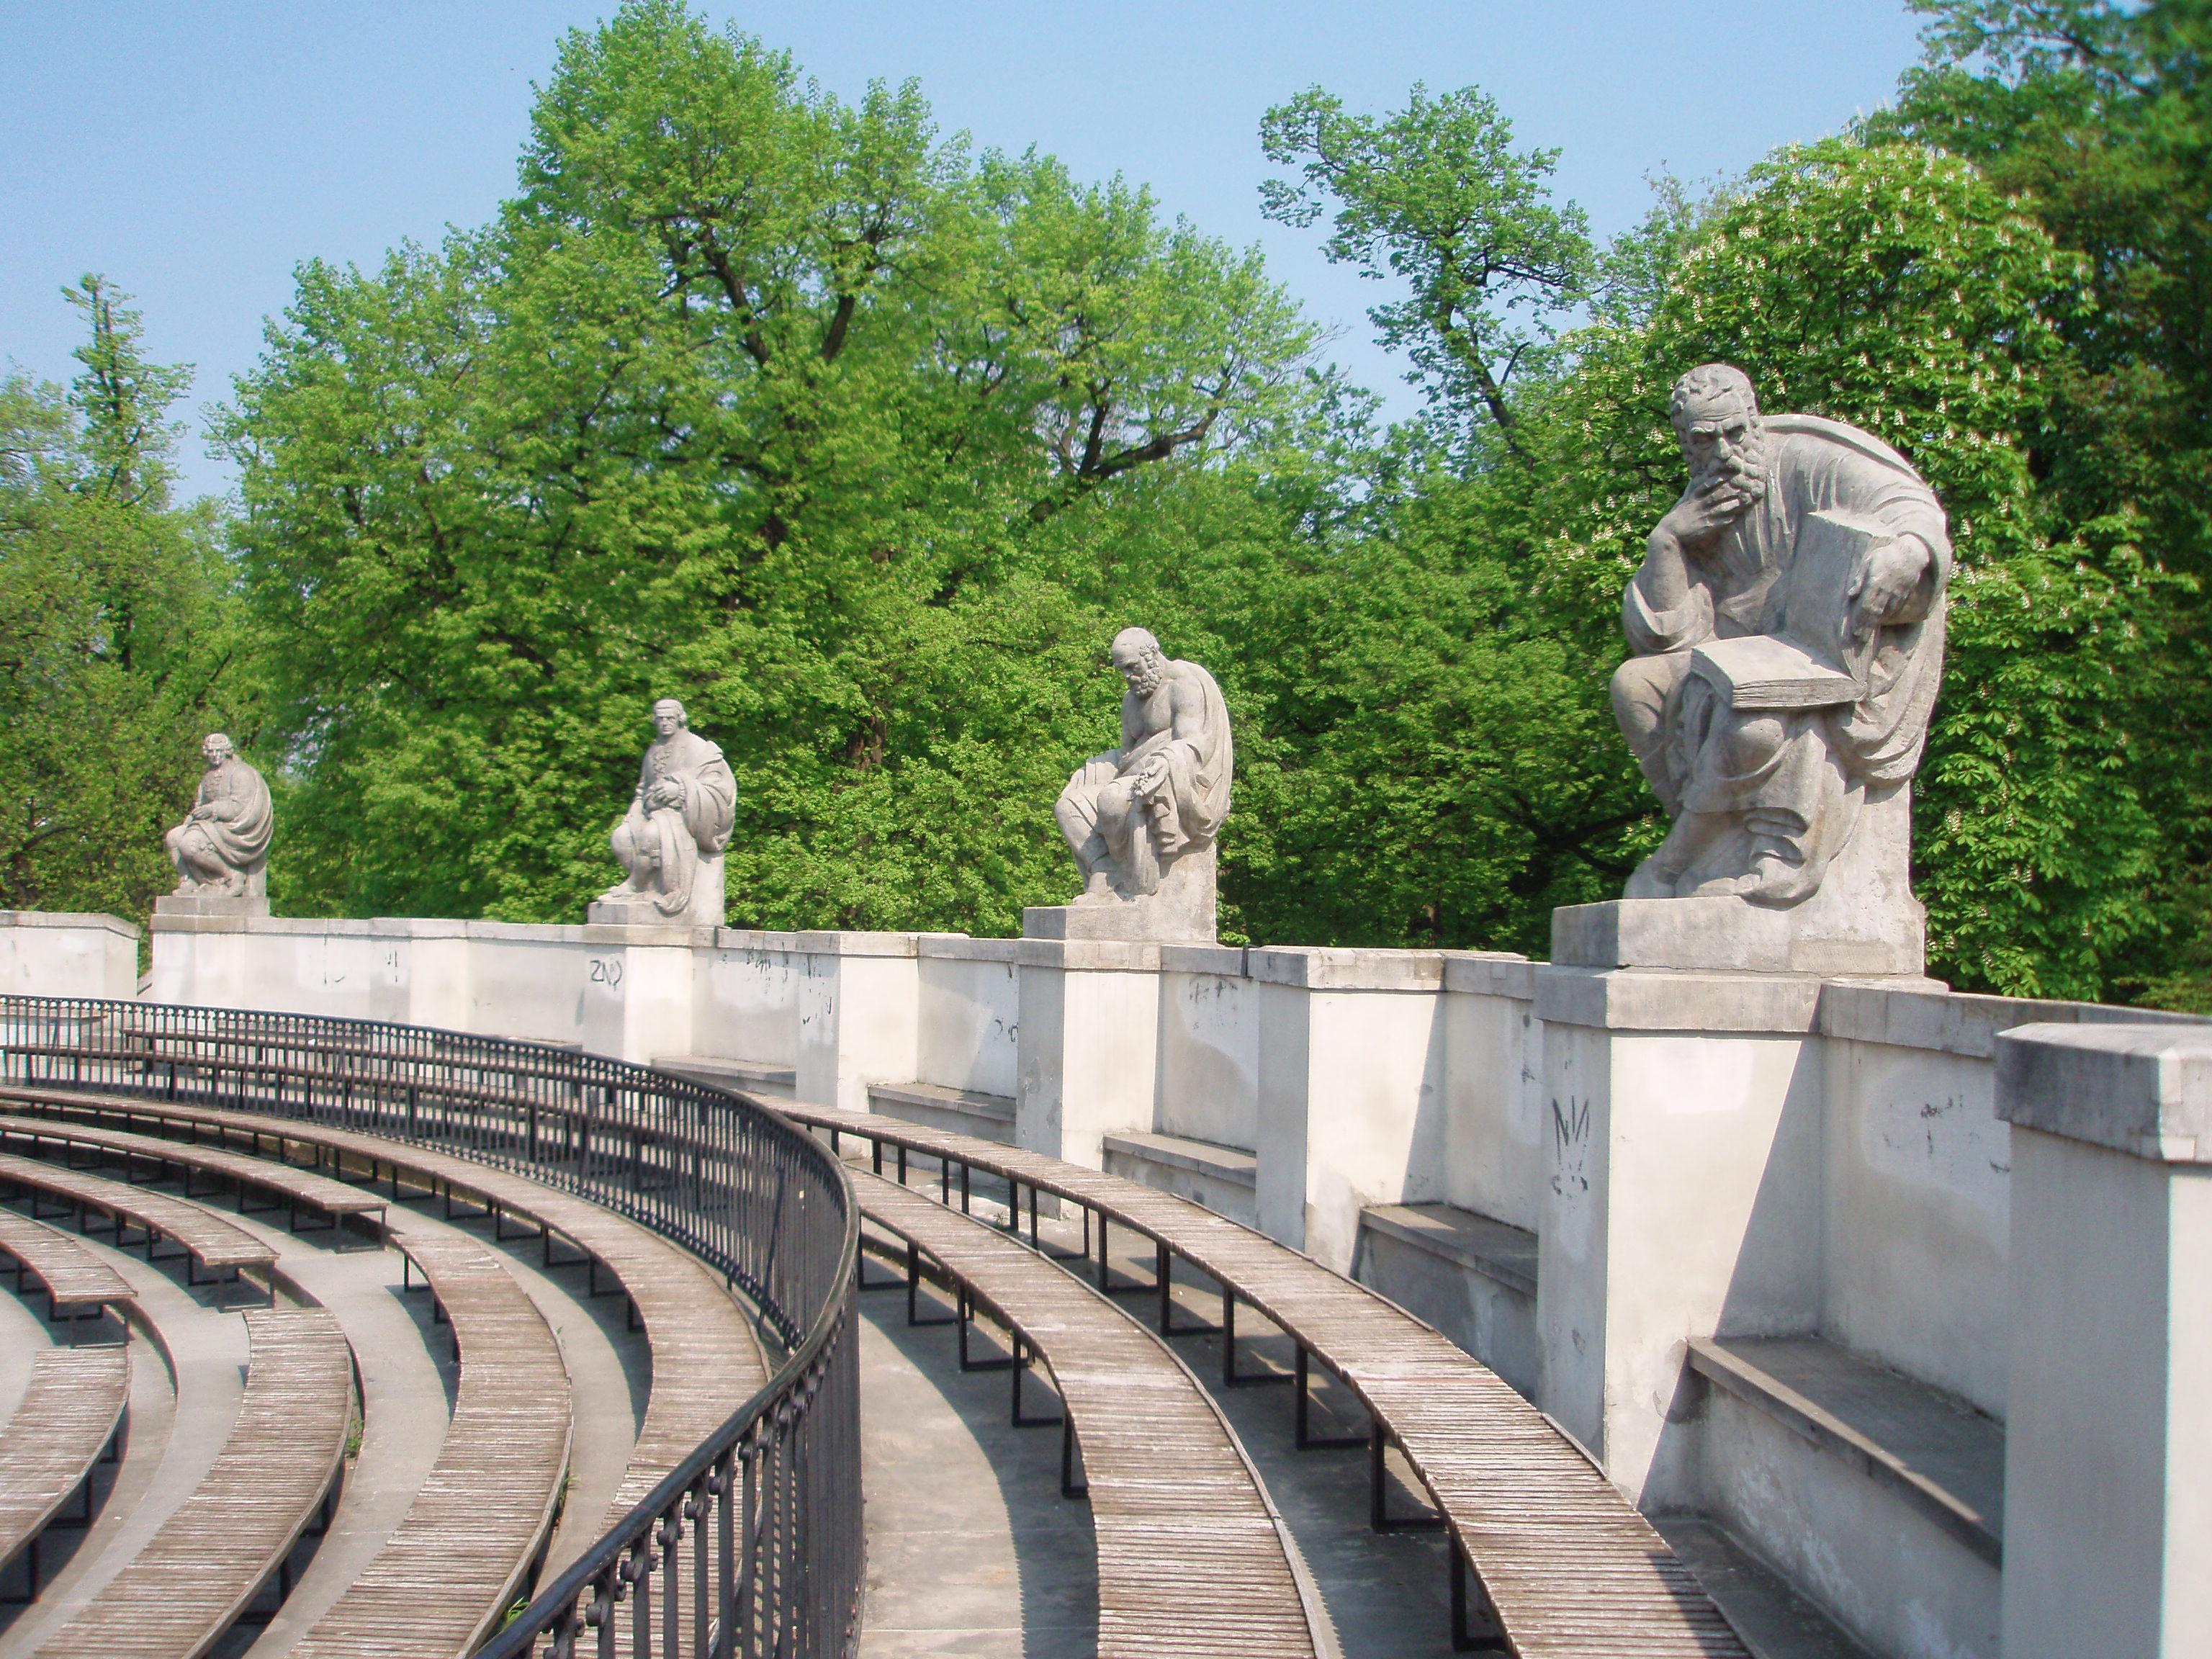 Filełazienki Królewskie Panoramio 10jpg Wikimedia